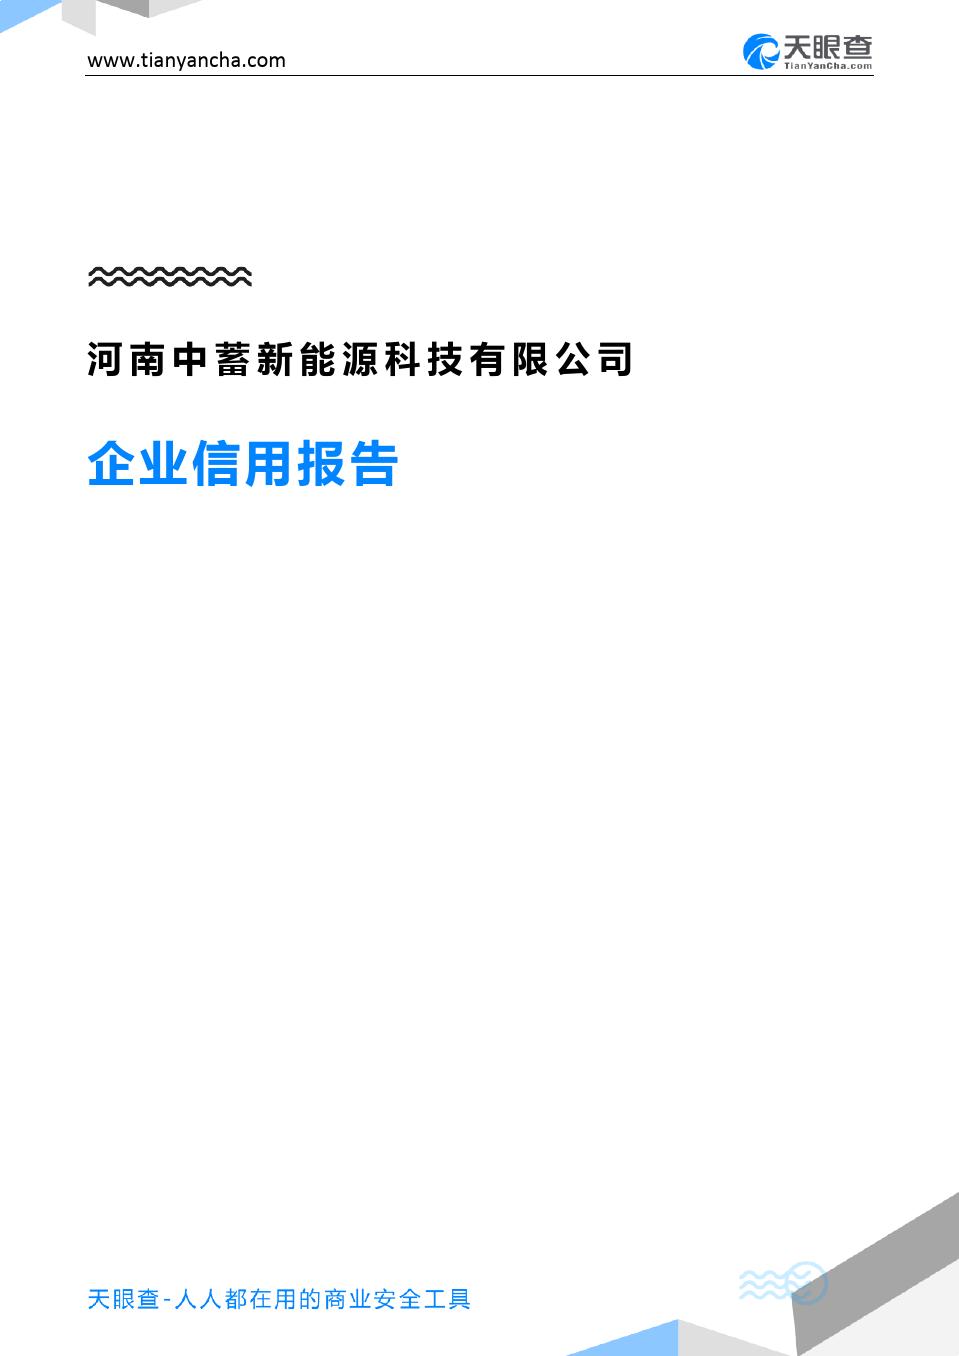 河南中蓄新能源科技有限公司(企业信用报告)- 天眼查